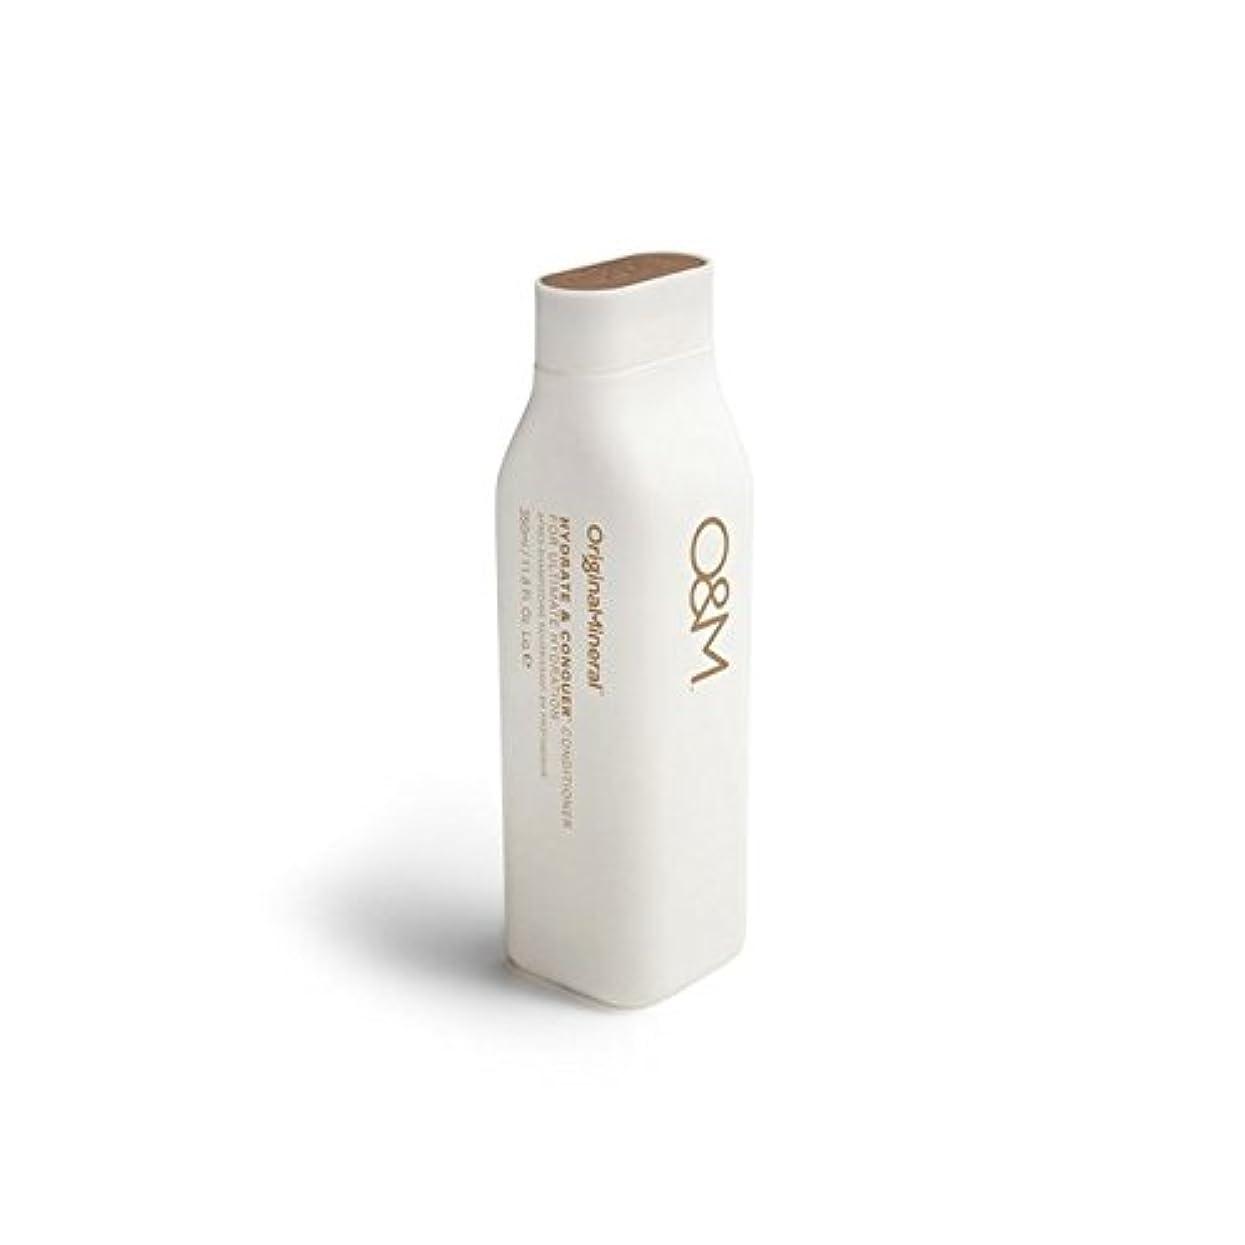 指定するモザイクシロナガスクジラOriginal & Mineral Hydrate And Conquer Conditioner (350ml) - オリジナル&ミネラル水和物及びコンディショナー(350ミリリットル)を征服 [並行輸入品]